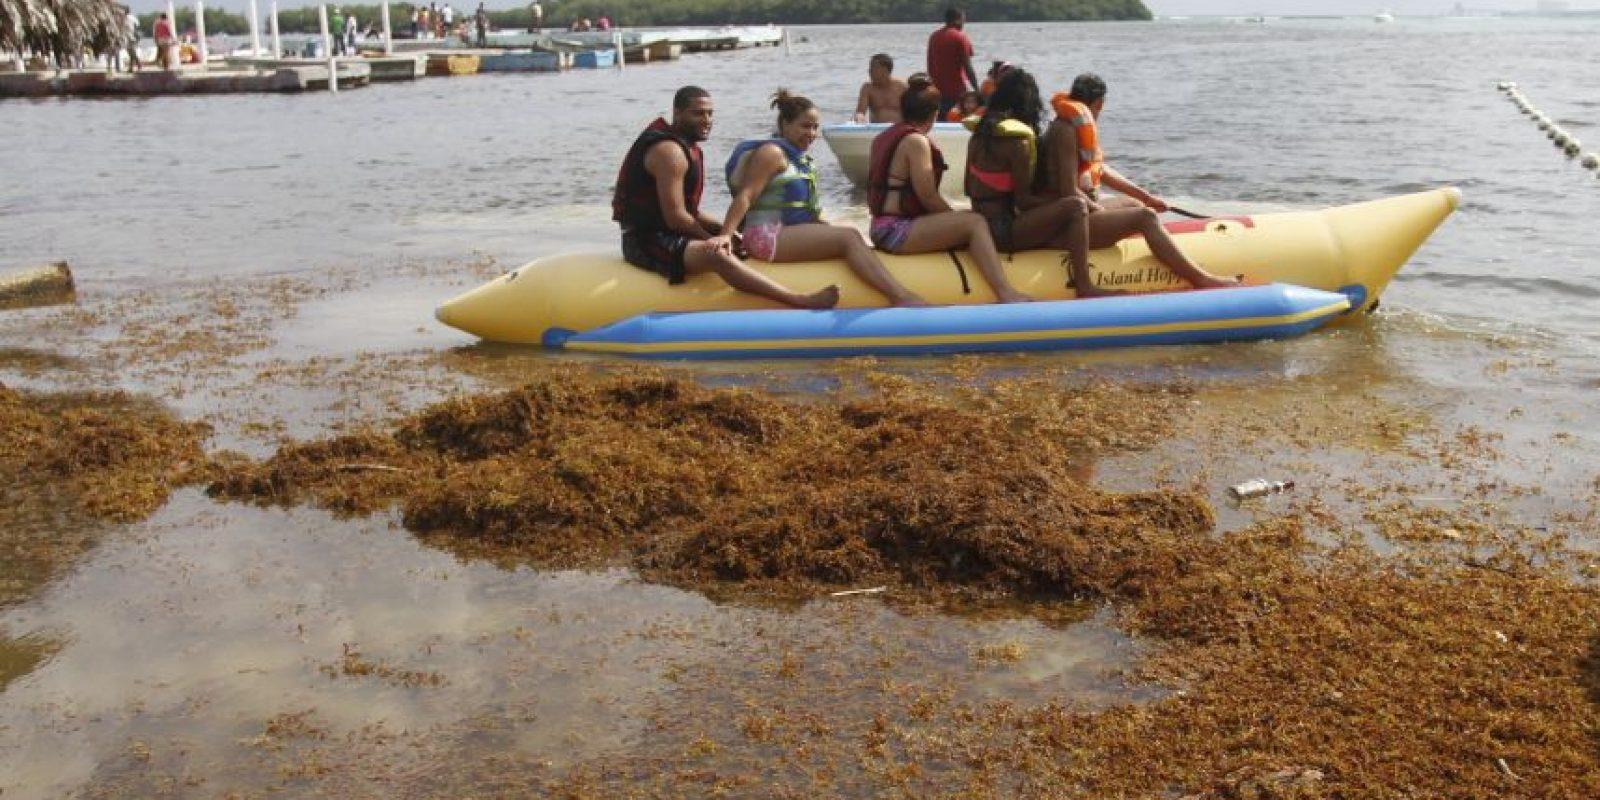 El turismo ha menguado por la llegada de los sargazos. Foto:ROBERTO GUZMÁN